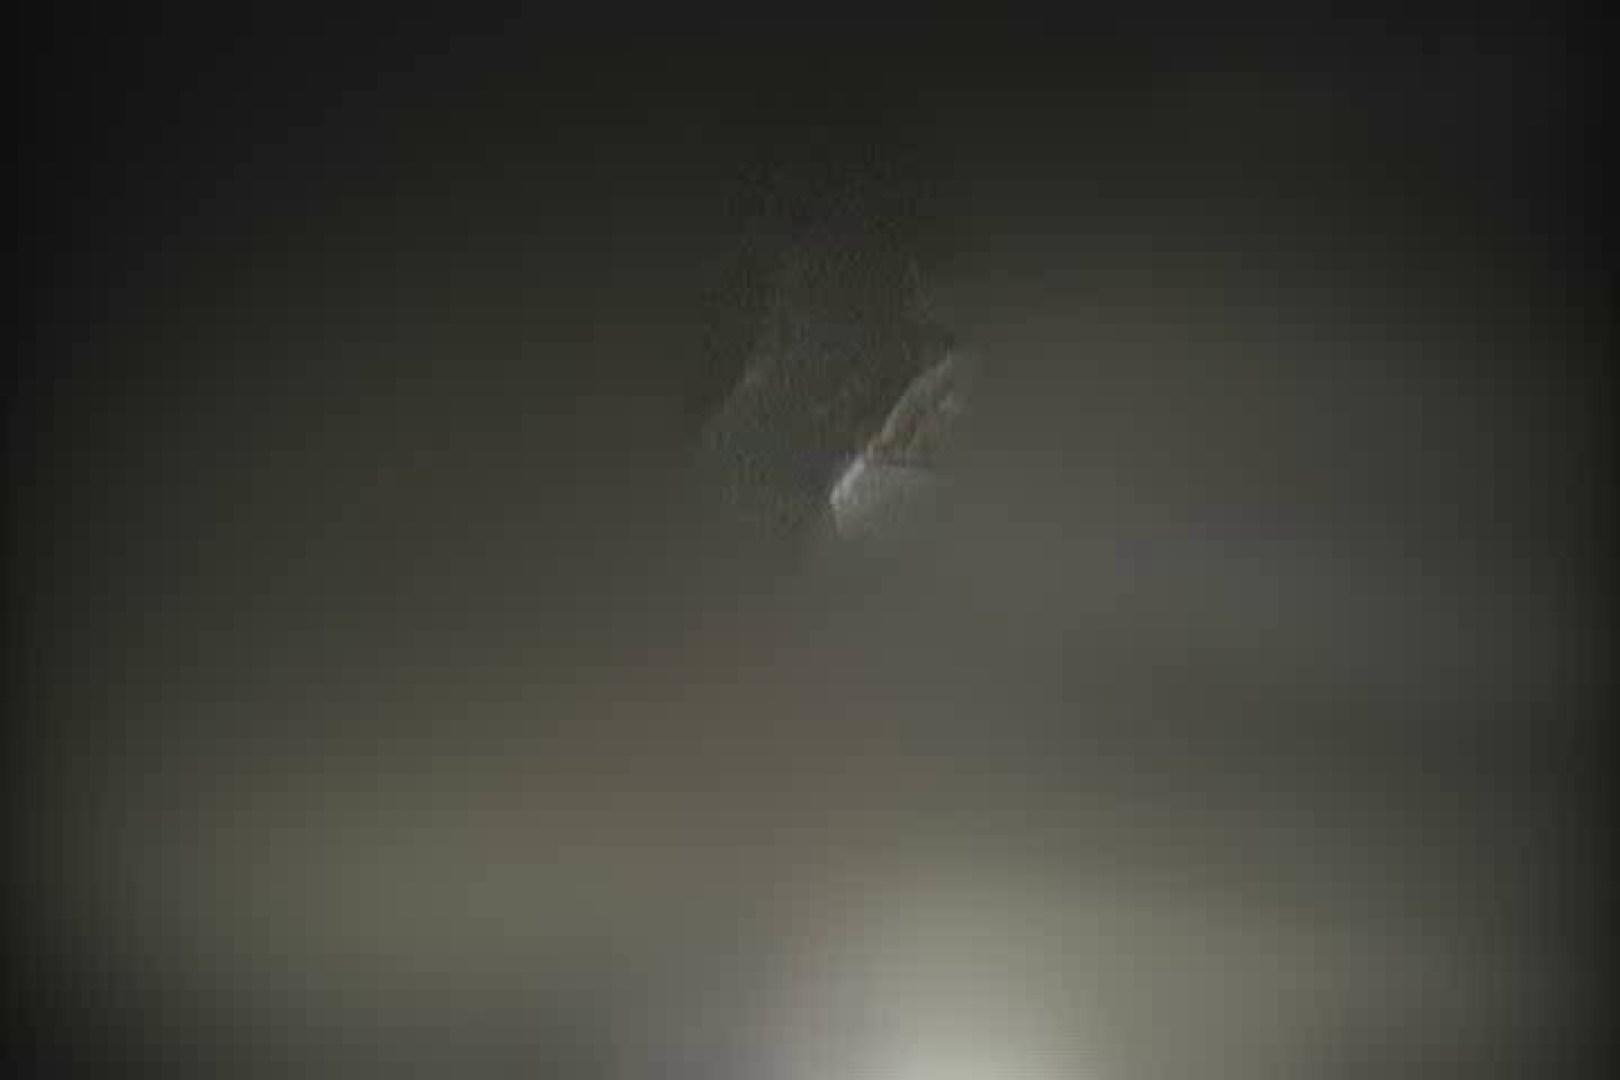 サターンさんのウル技炸裂!!夏乙女★海の家シャワー室絵巻 Vol.01 シャワー | 乙女もsex  108枚 82